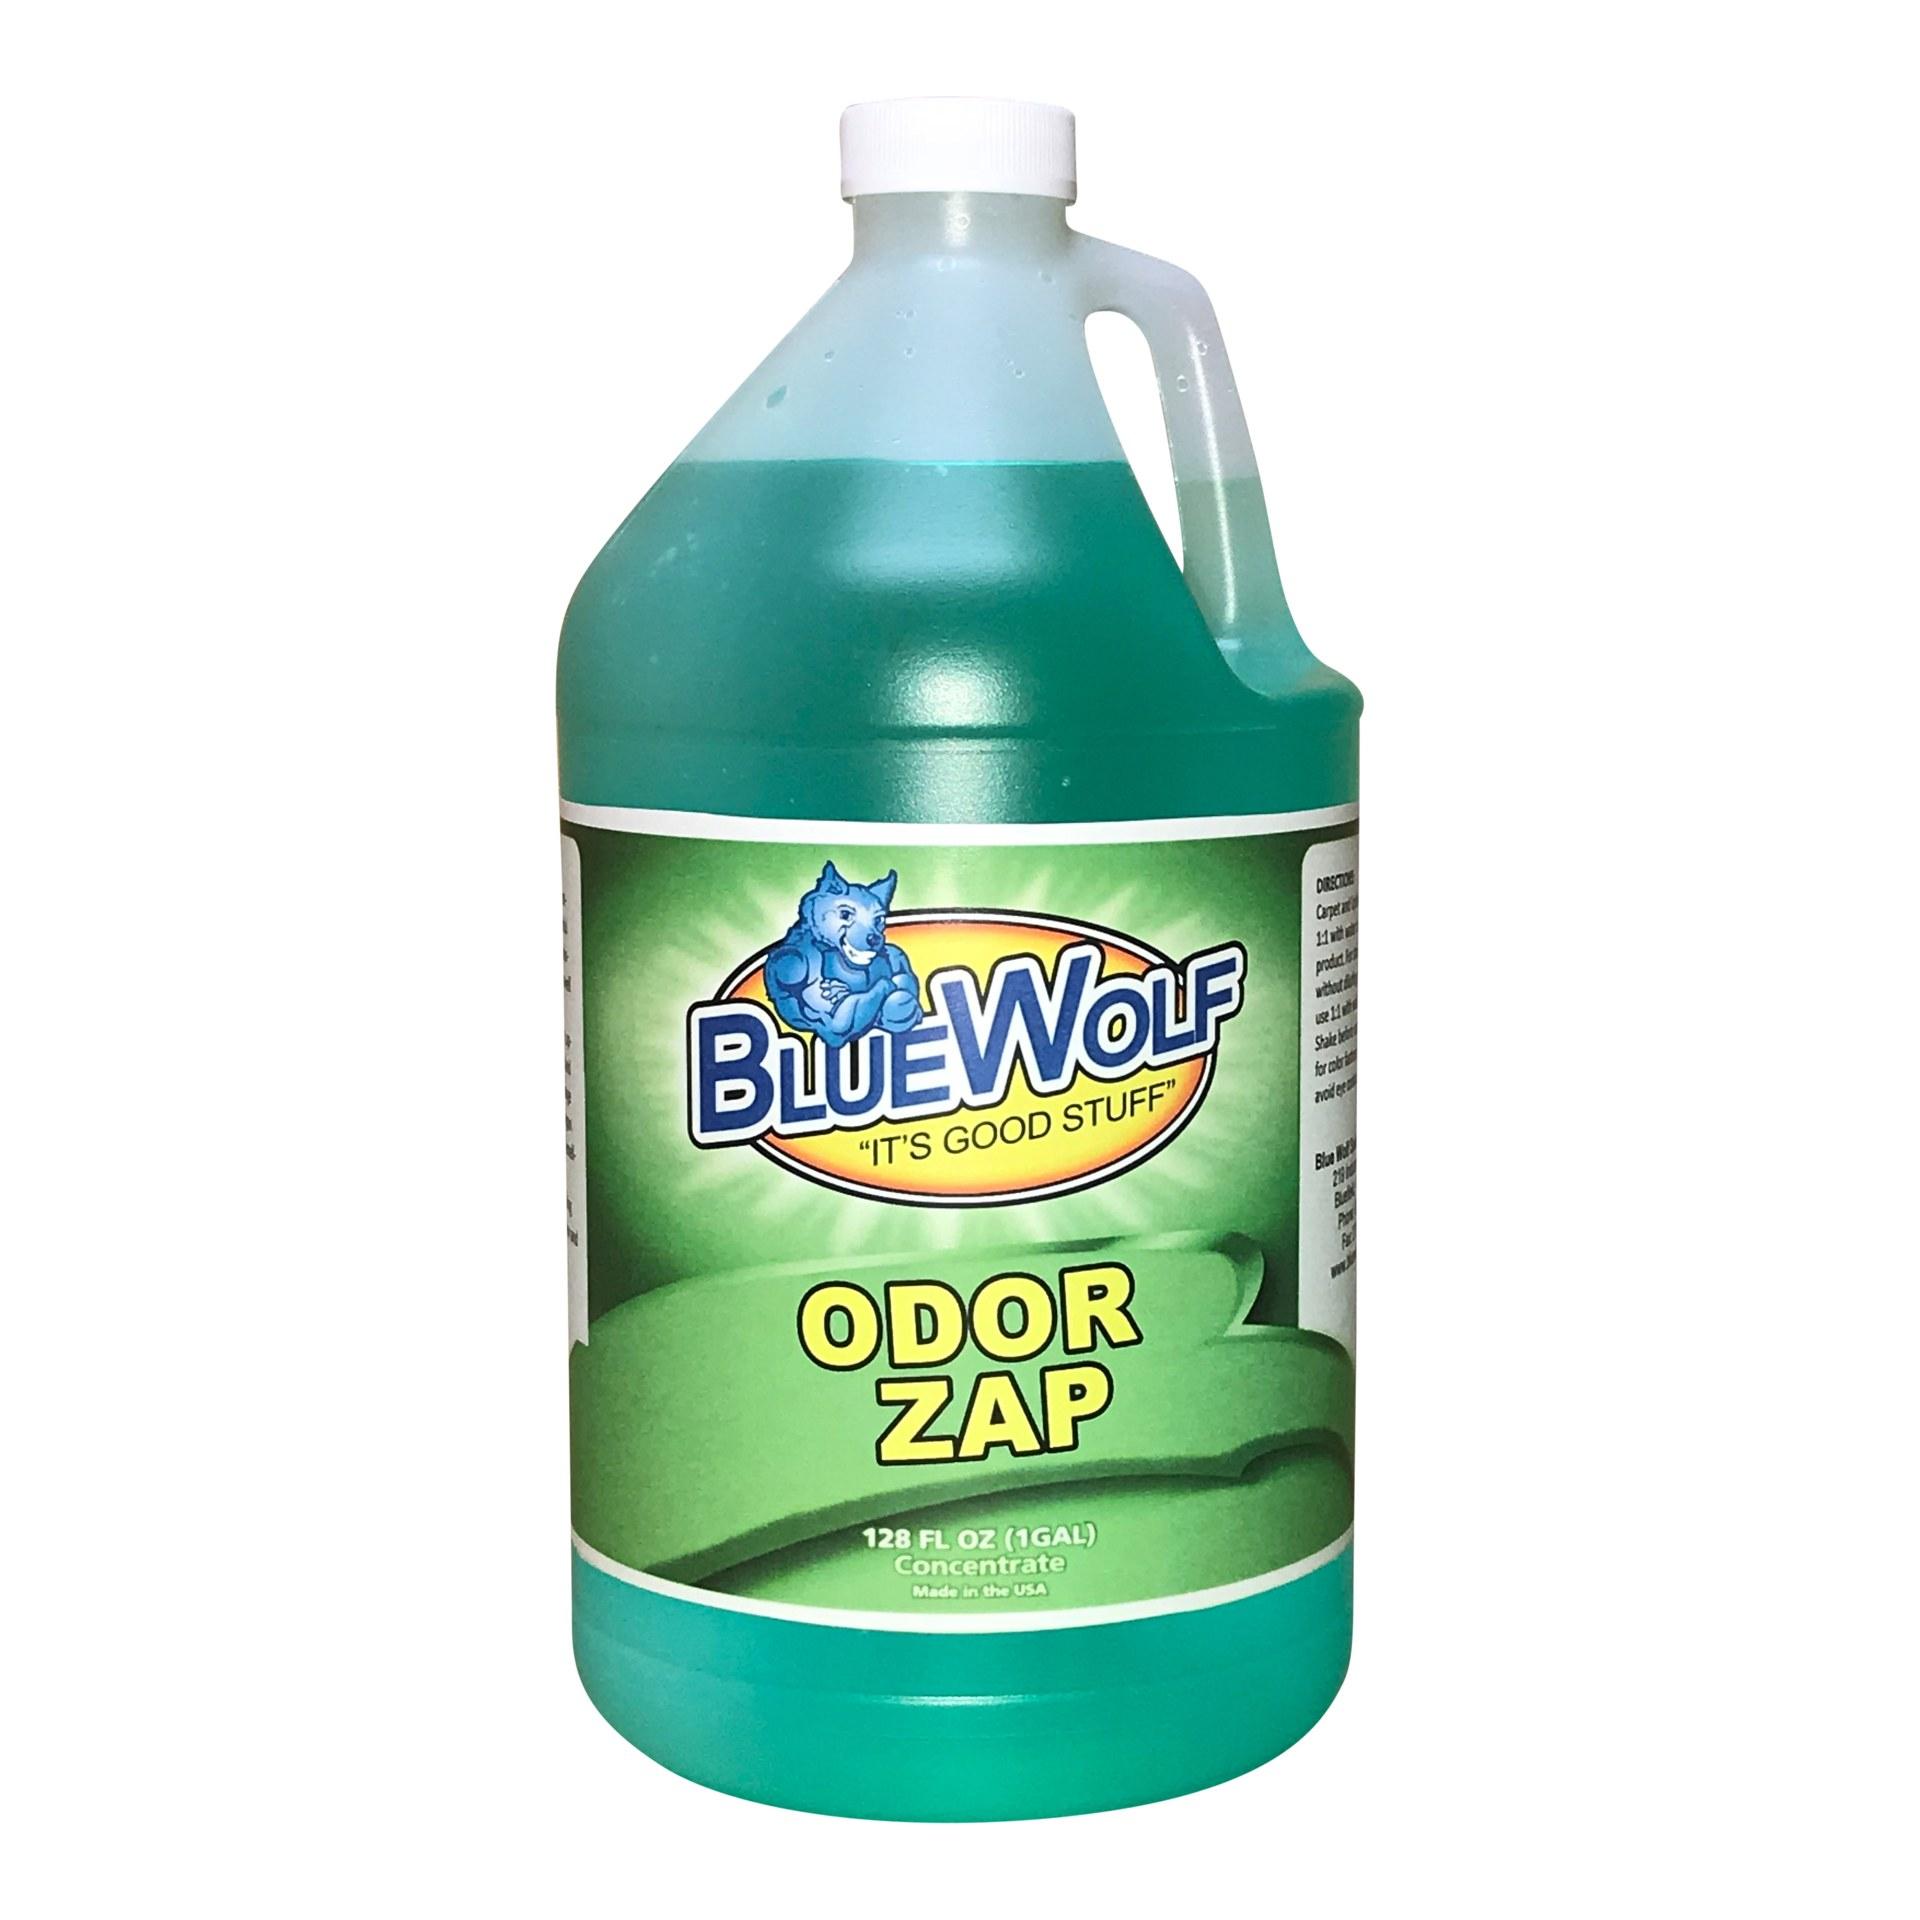 Odor Zap Blue Wolf